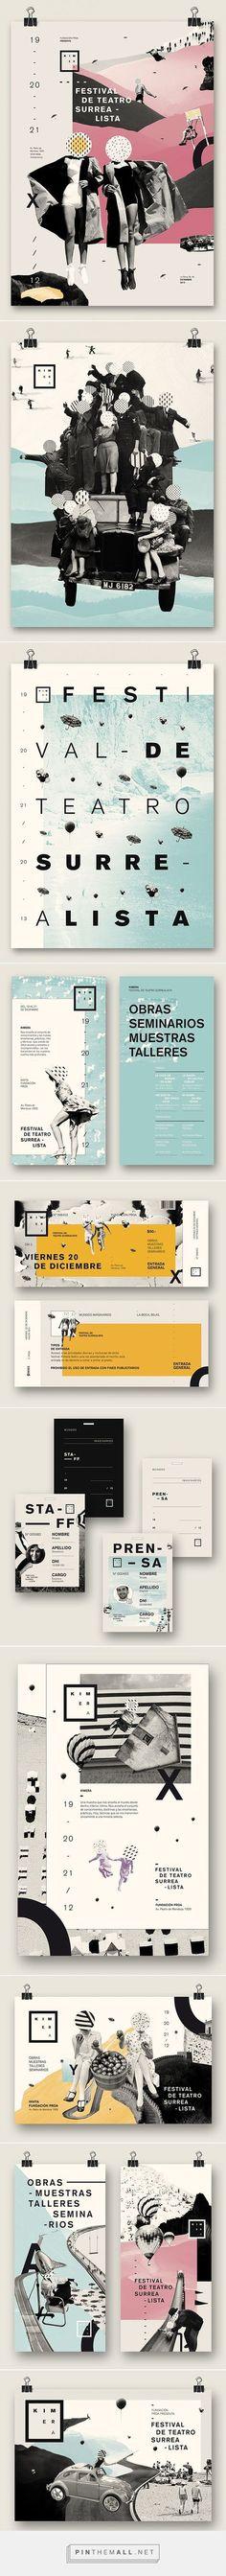 Письмо «Популярные пины на тему «дизайн»» — Pinterest — Яндекс.Почта